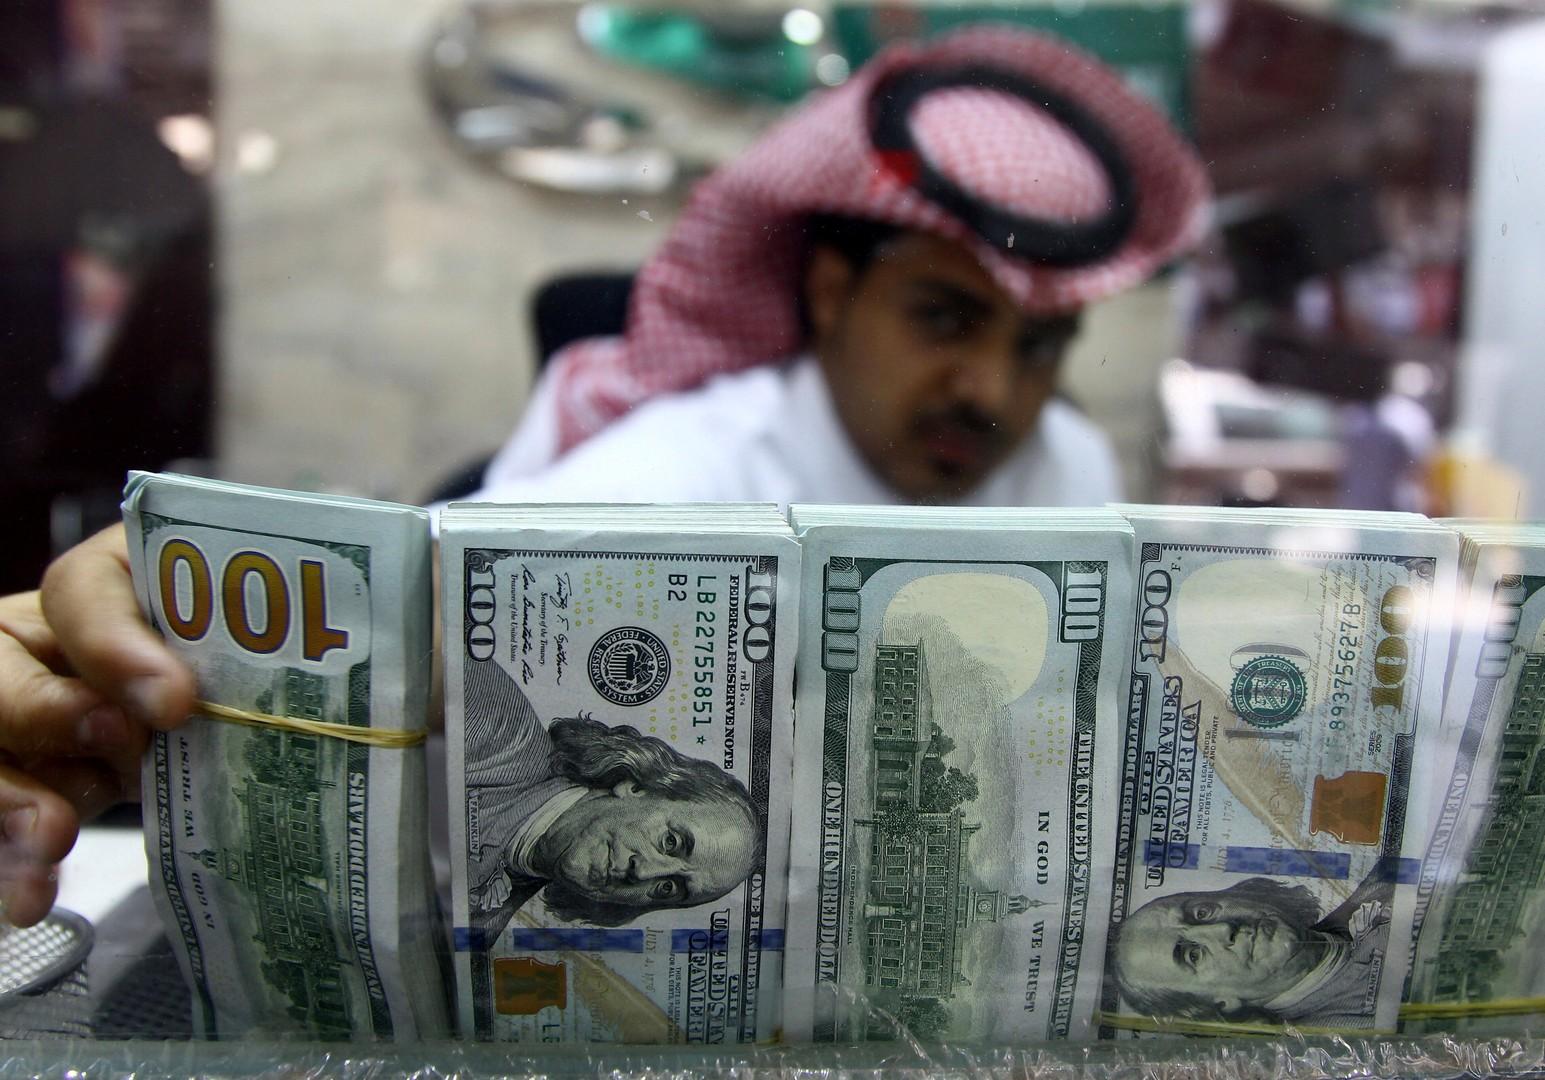 الرياض: على المسافرين الإفصاح عن المبالغ فوق الـ16 ألف دولار